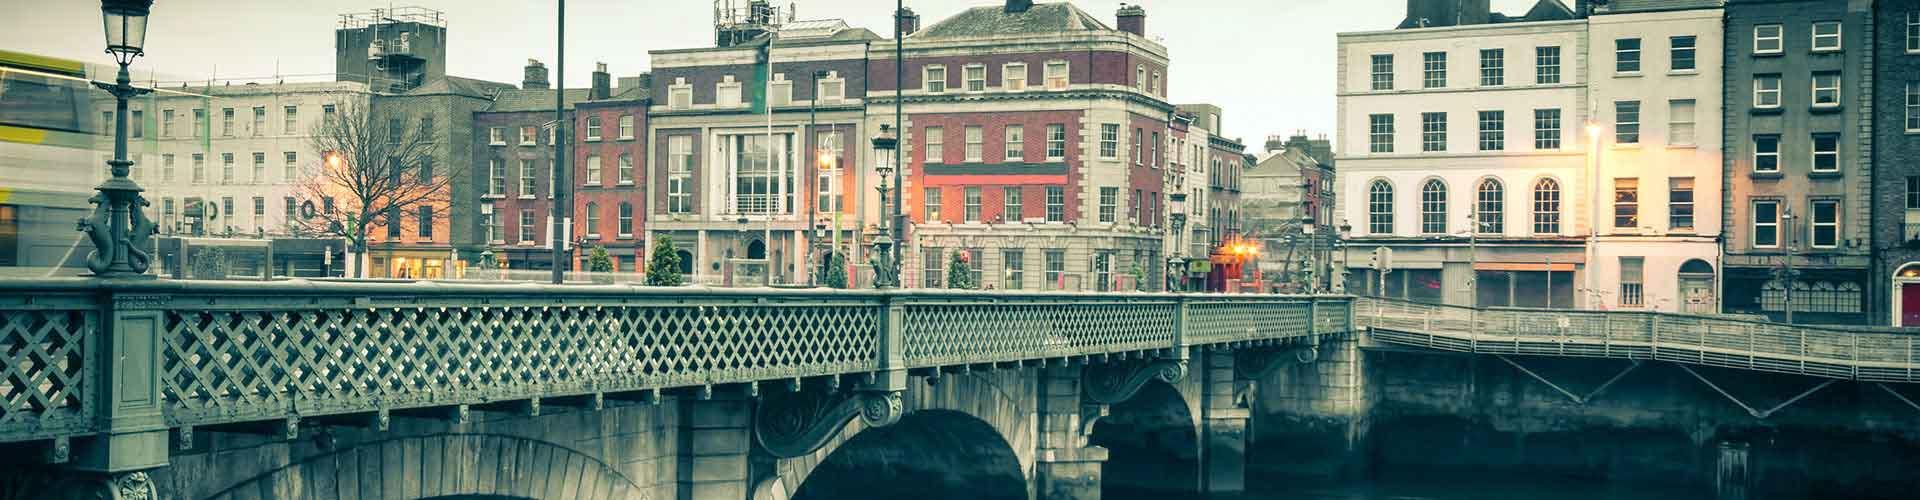 Dublin - Hostele w mieście: Dublin, Mapy: Dublin, Zdjęcia i Recenzje dla każdego hostelu w mieście Dublin.